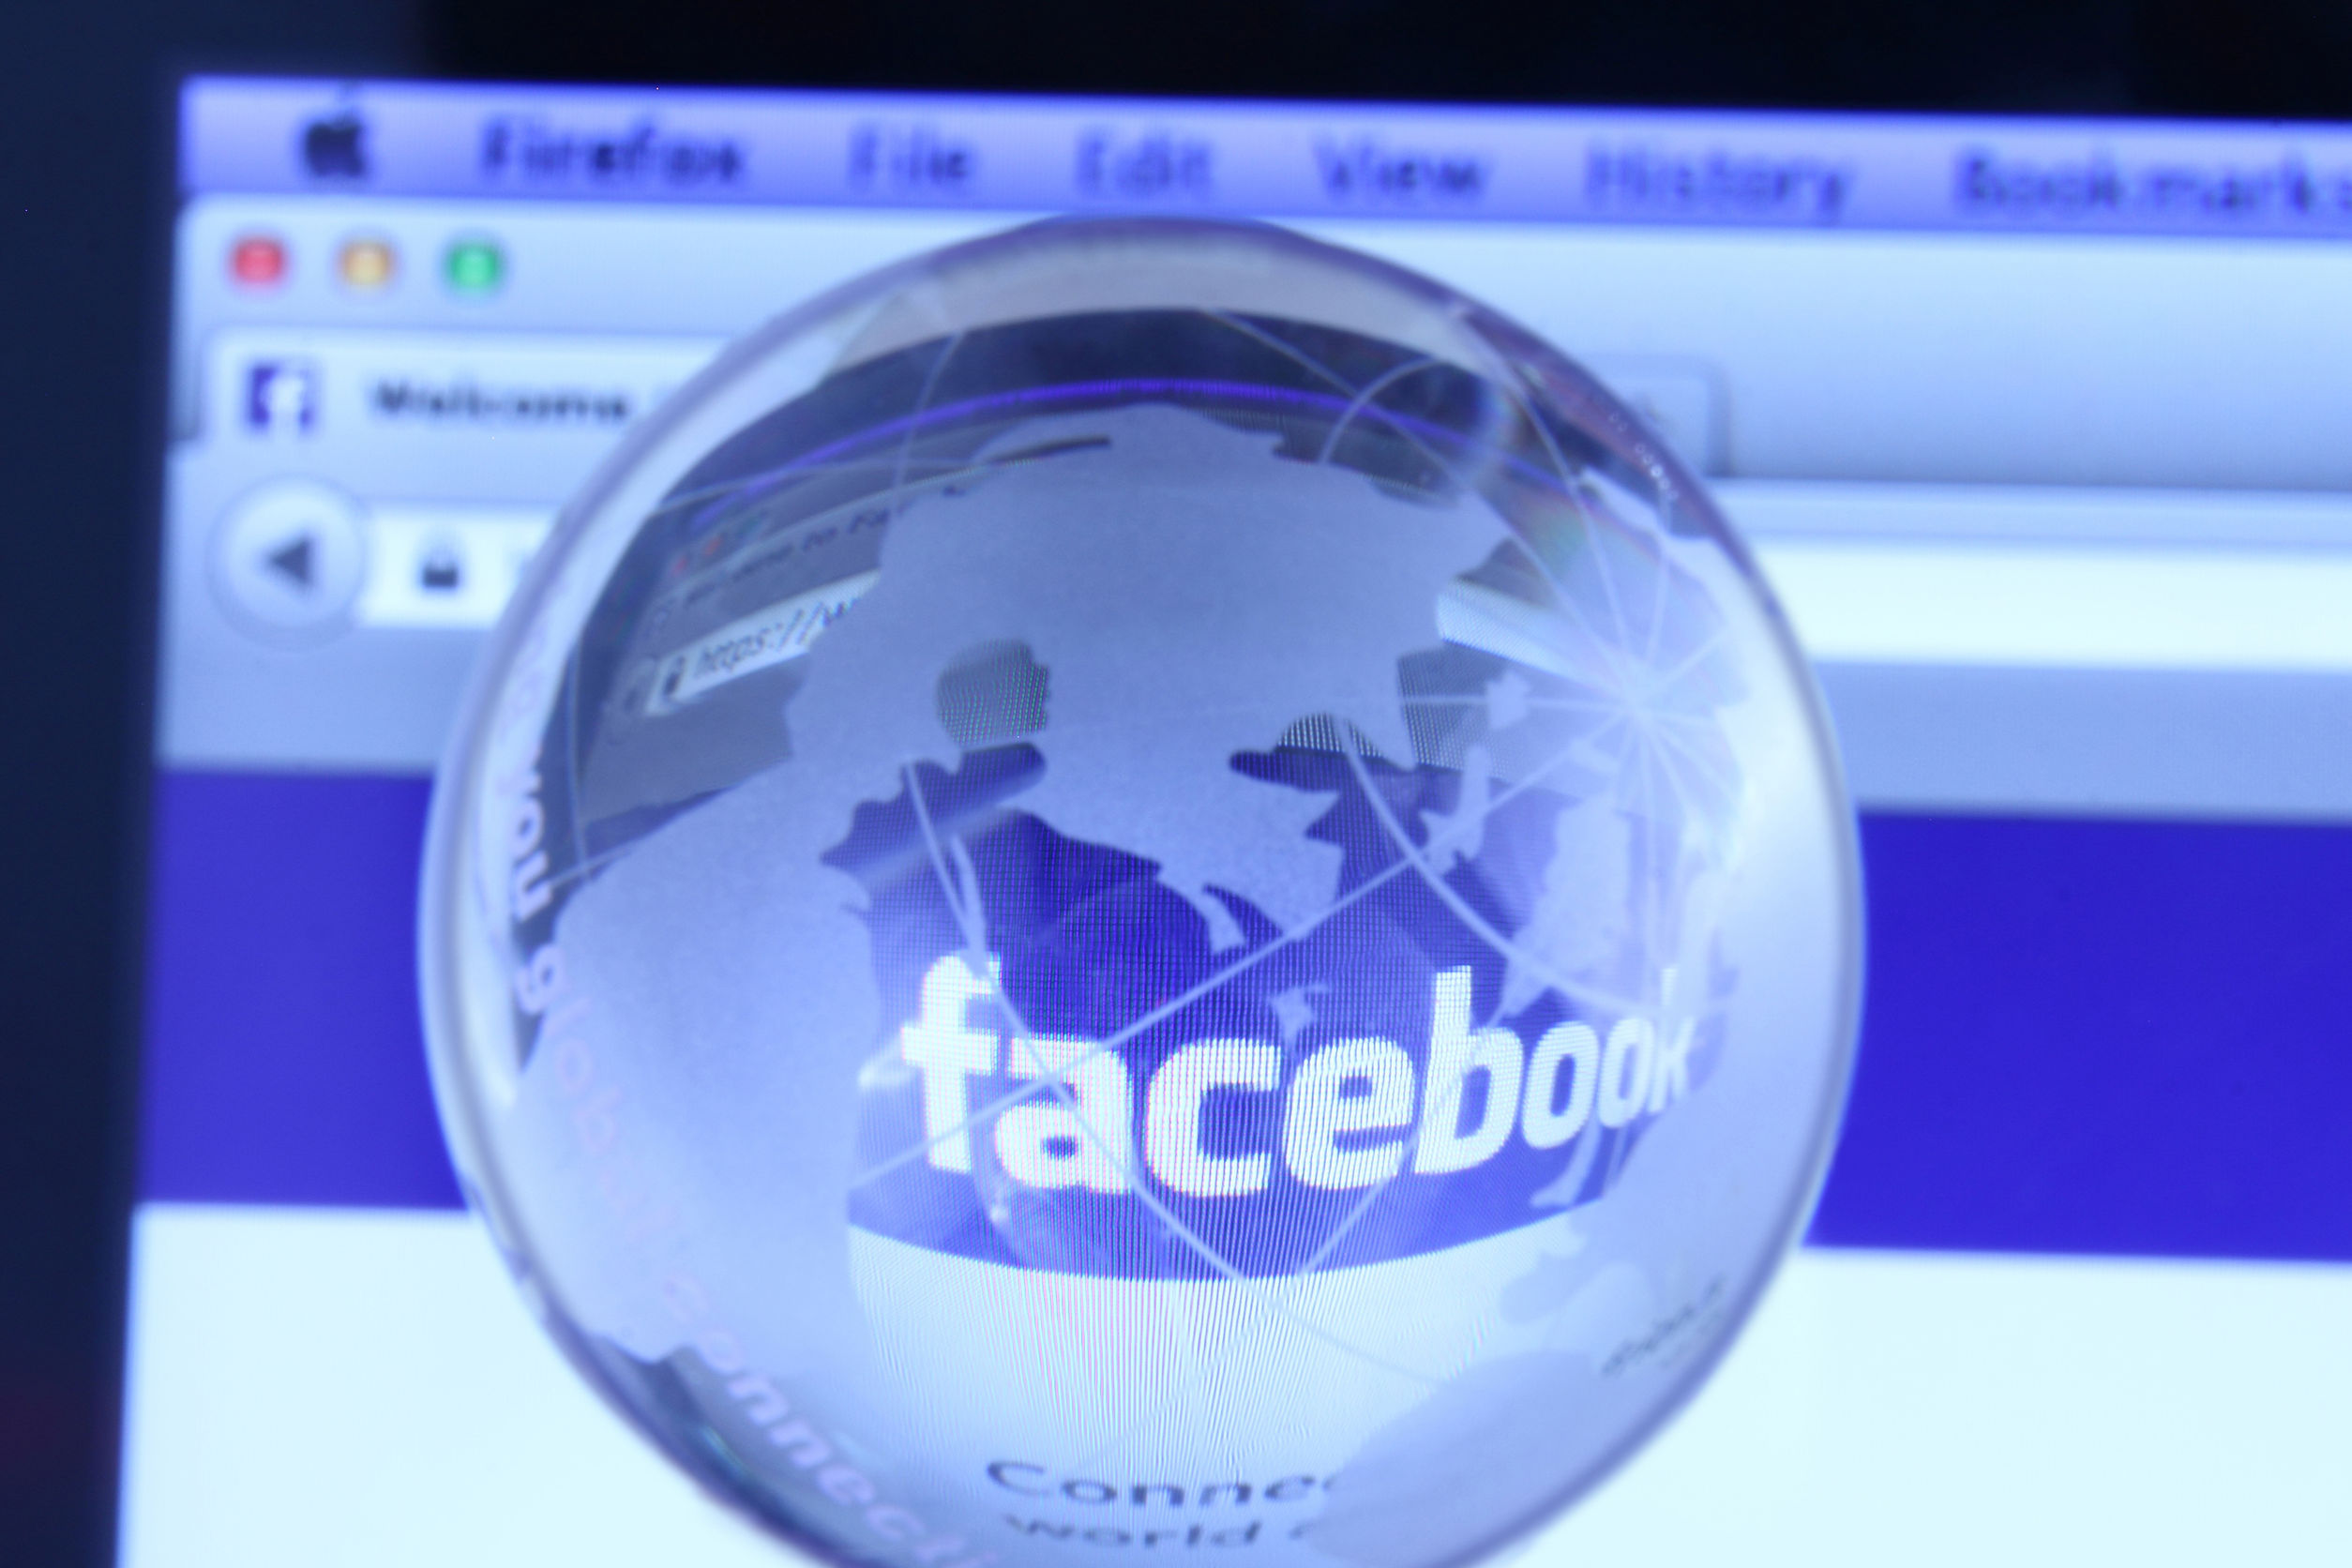 REVOLUŢIA social media | Paginile de socializare au devenit adevărate canale de comunicare pentru miniştri şi reprezentanţii instituţiilor publice. Care sunt mesajele transmise de aceştia